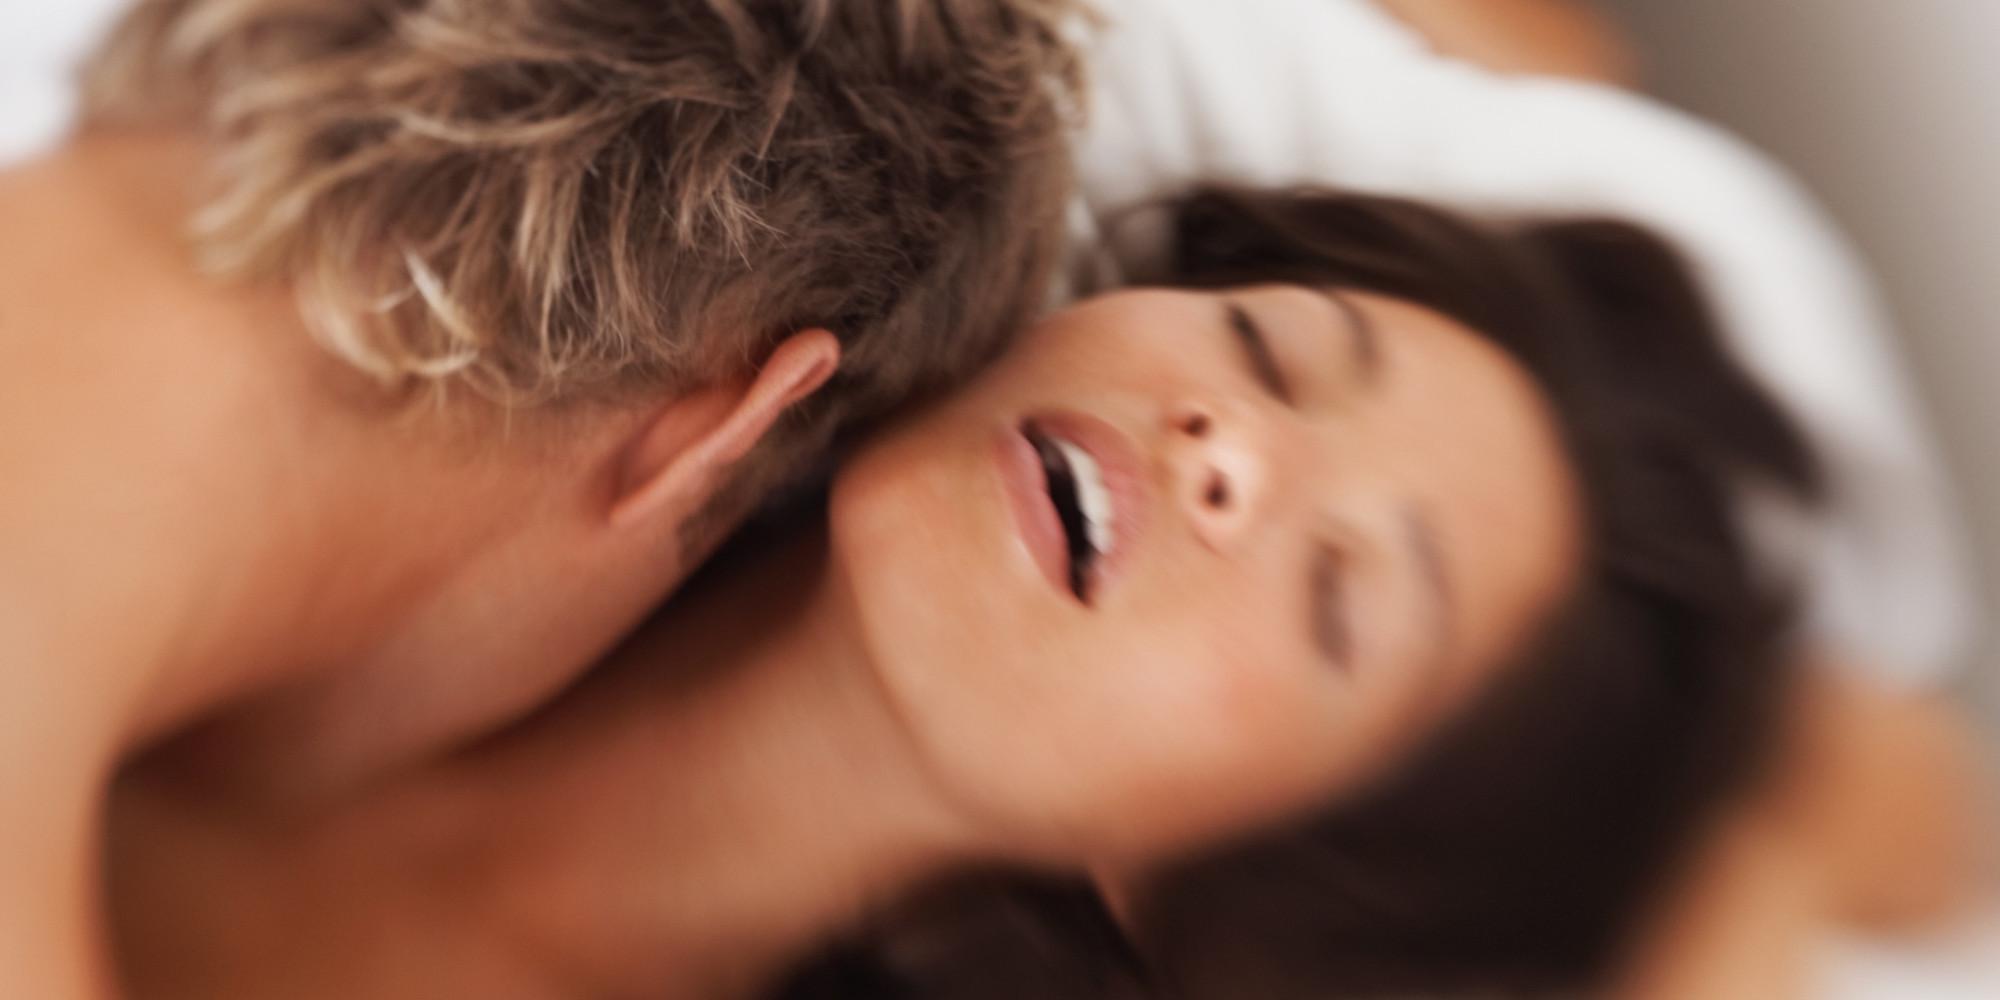 Смотреть оргазм реальный, Оргазмы порно видео смотреть бесплатно от Порно666 12 фотография